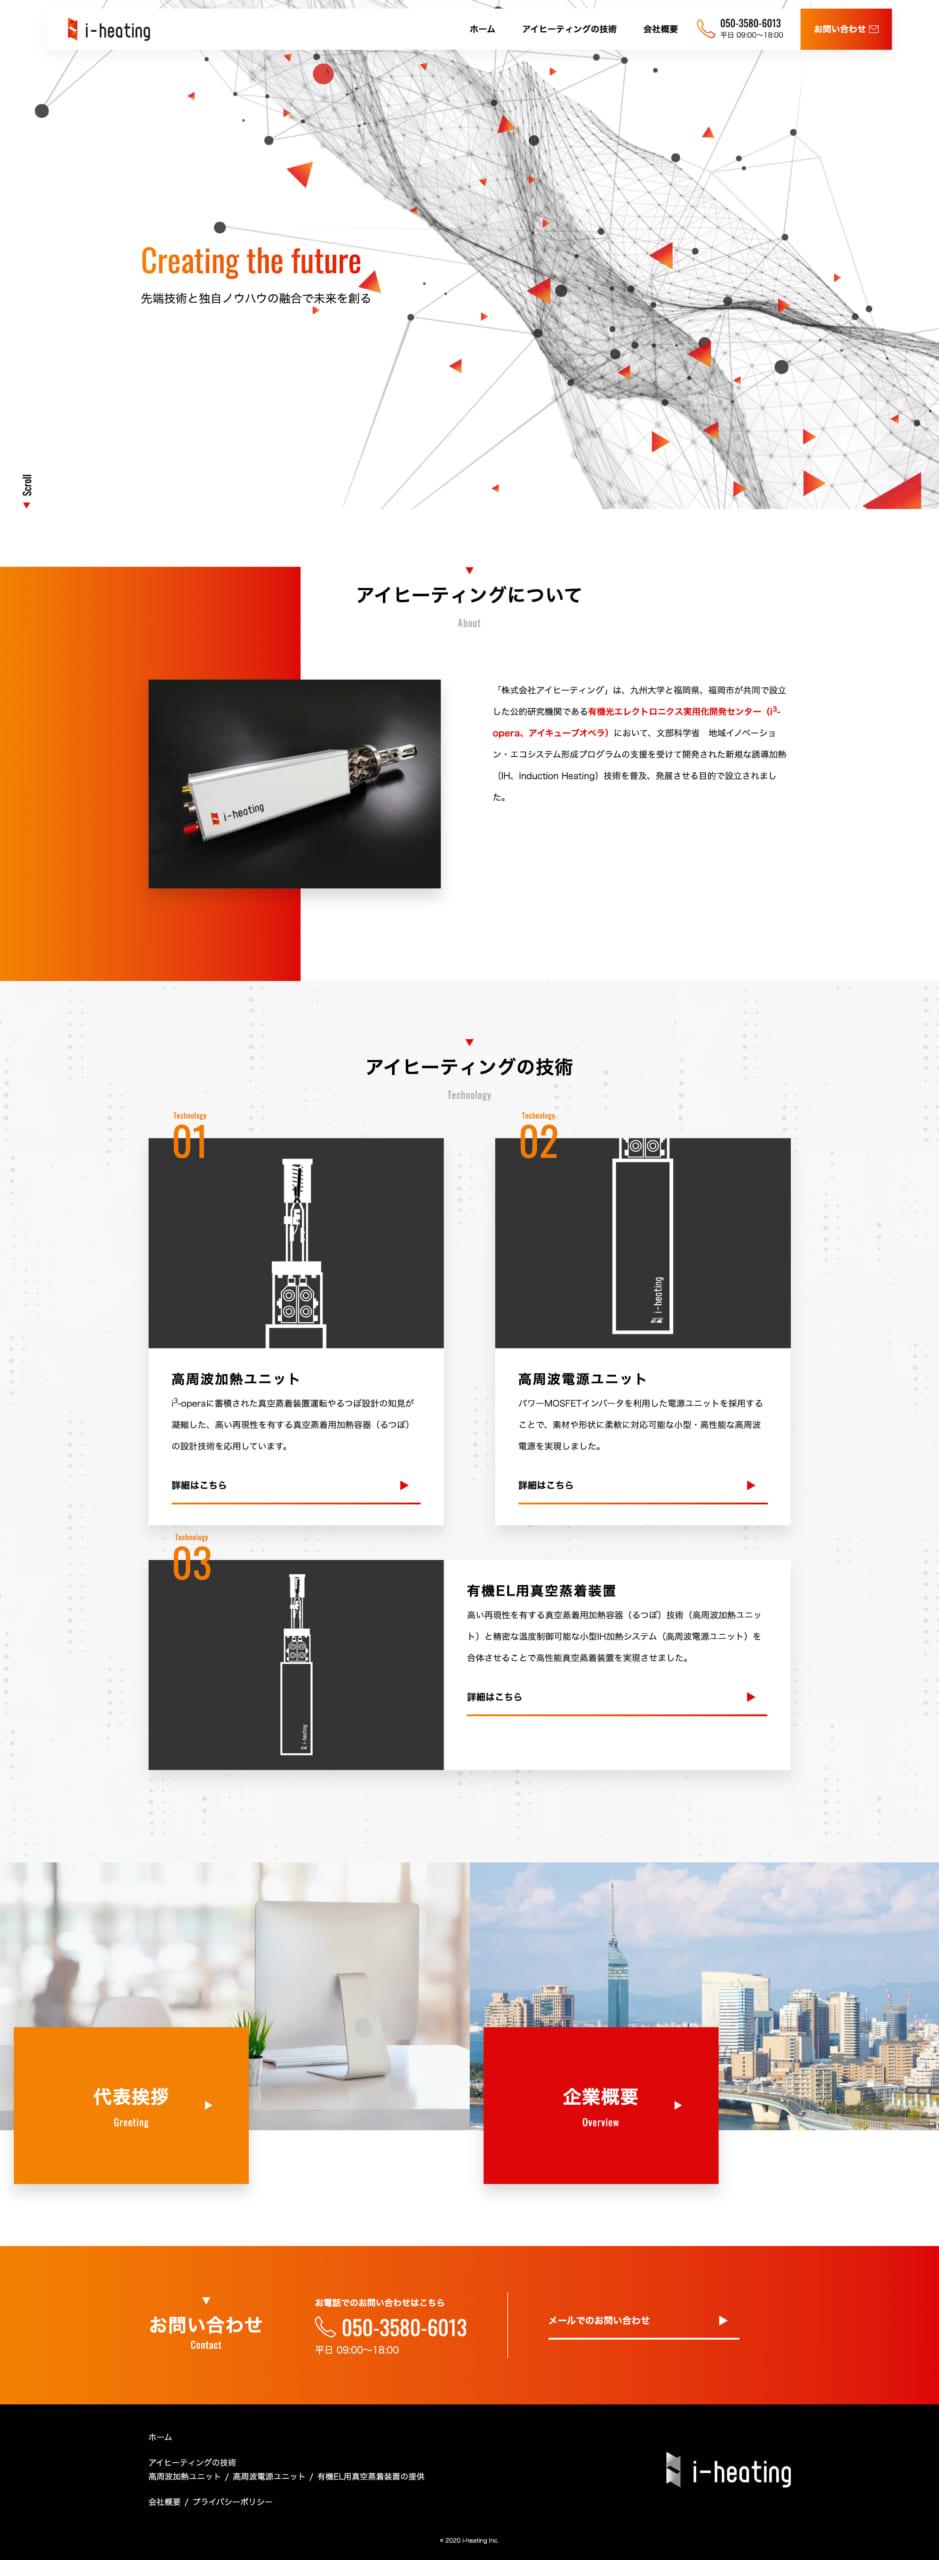 株式会社アイヒーティング様 ホームページ PC画像